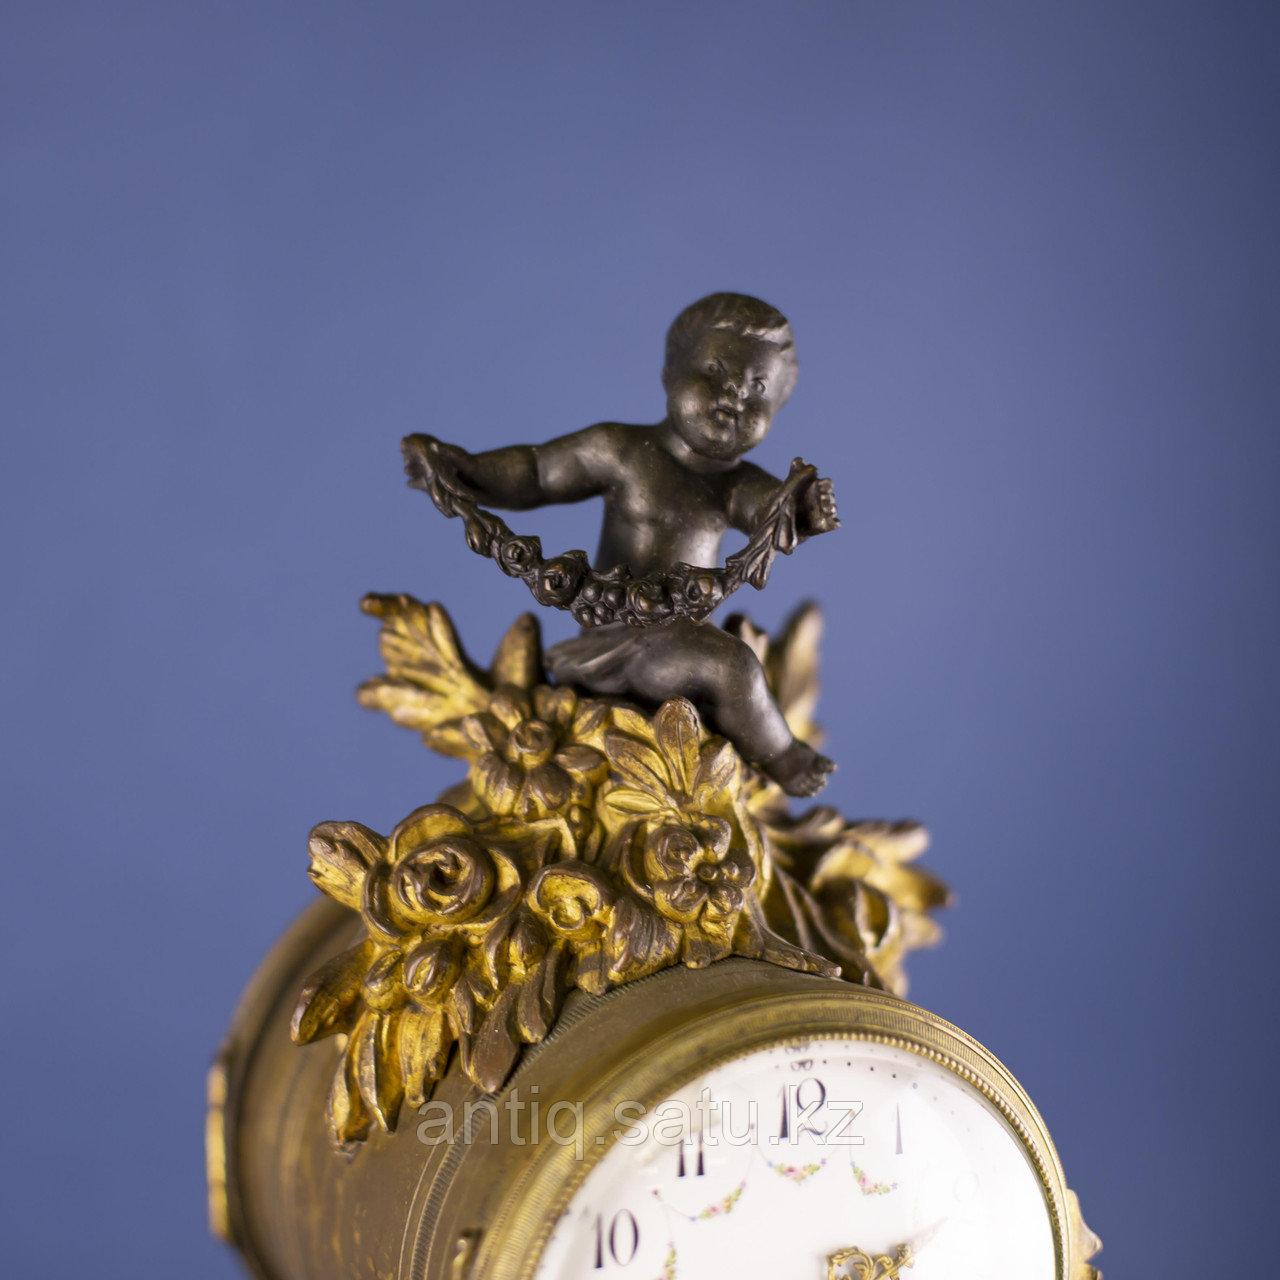 Кабинетный часовой гарнитур в стиле Людовика XVI Франция. II половина XIX века - фото 5